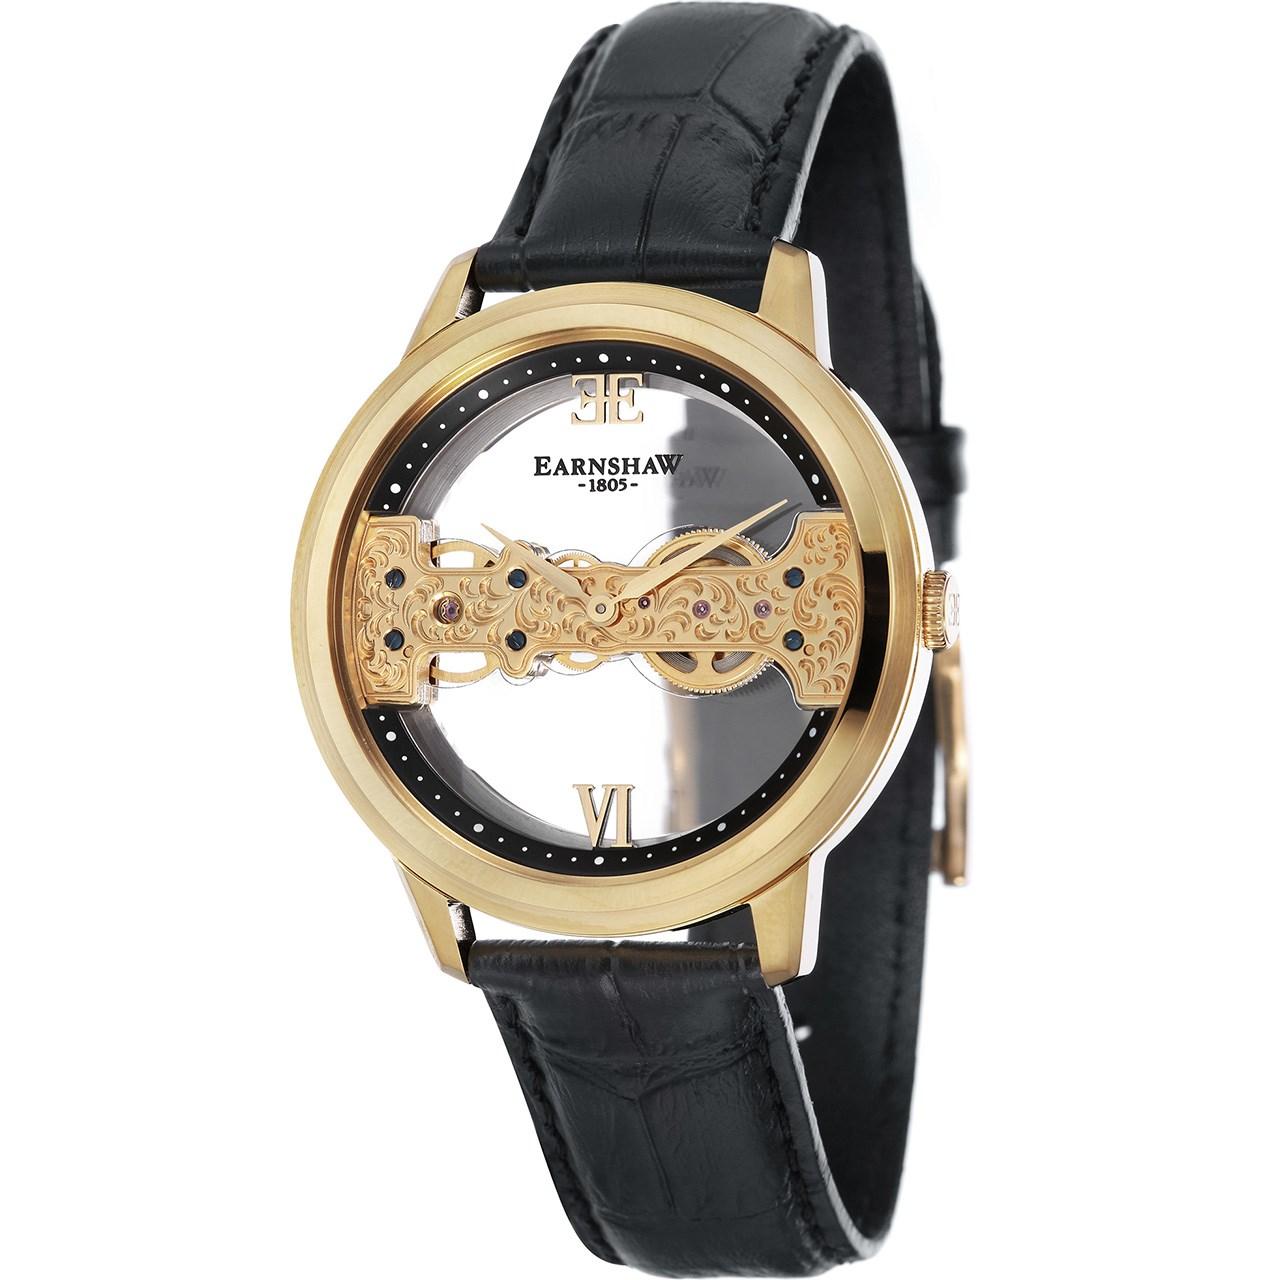 ساعت مچی عقربه ای ارنشا مدل ES-8065-03 18